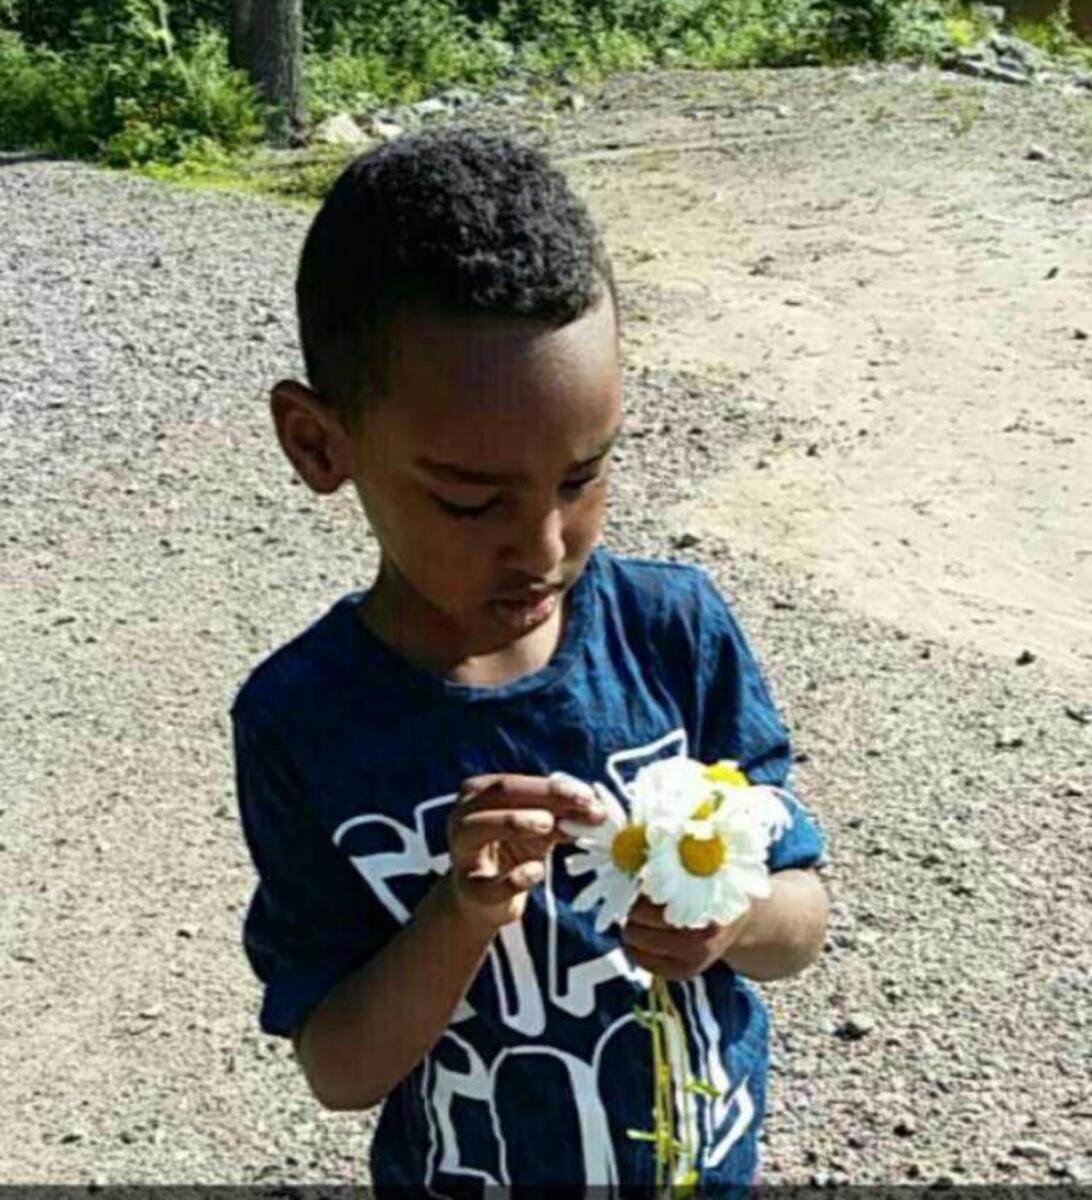 Metsäretkellä Laajasalossa, kuvassa poika, joka on kerännyt päivänkakkaroita.